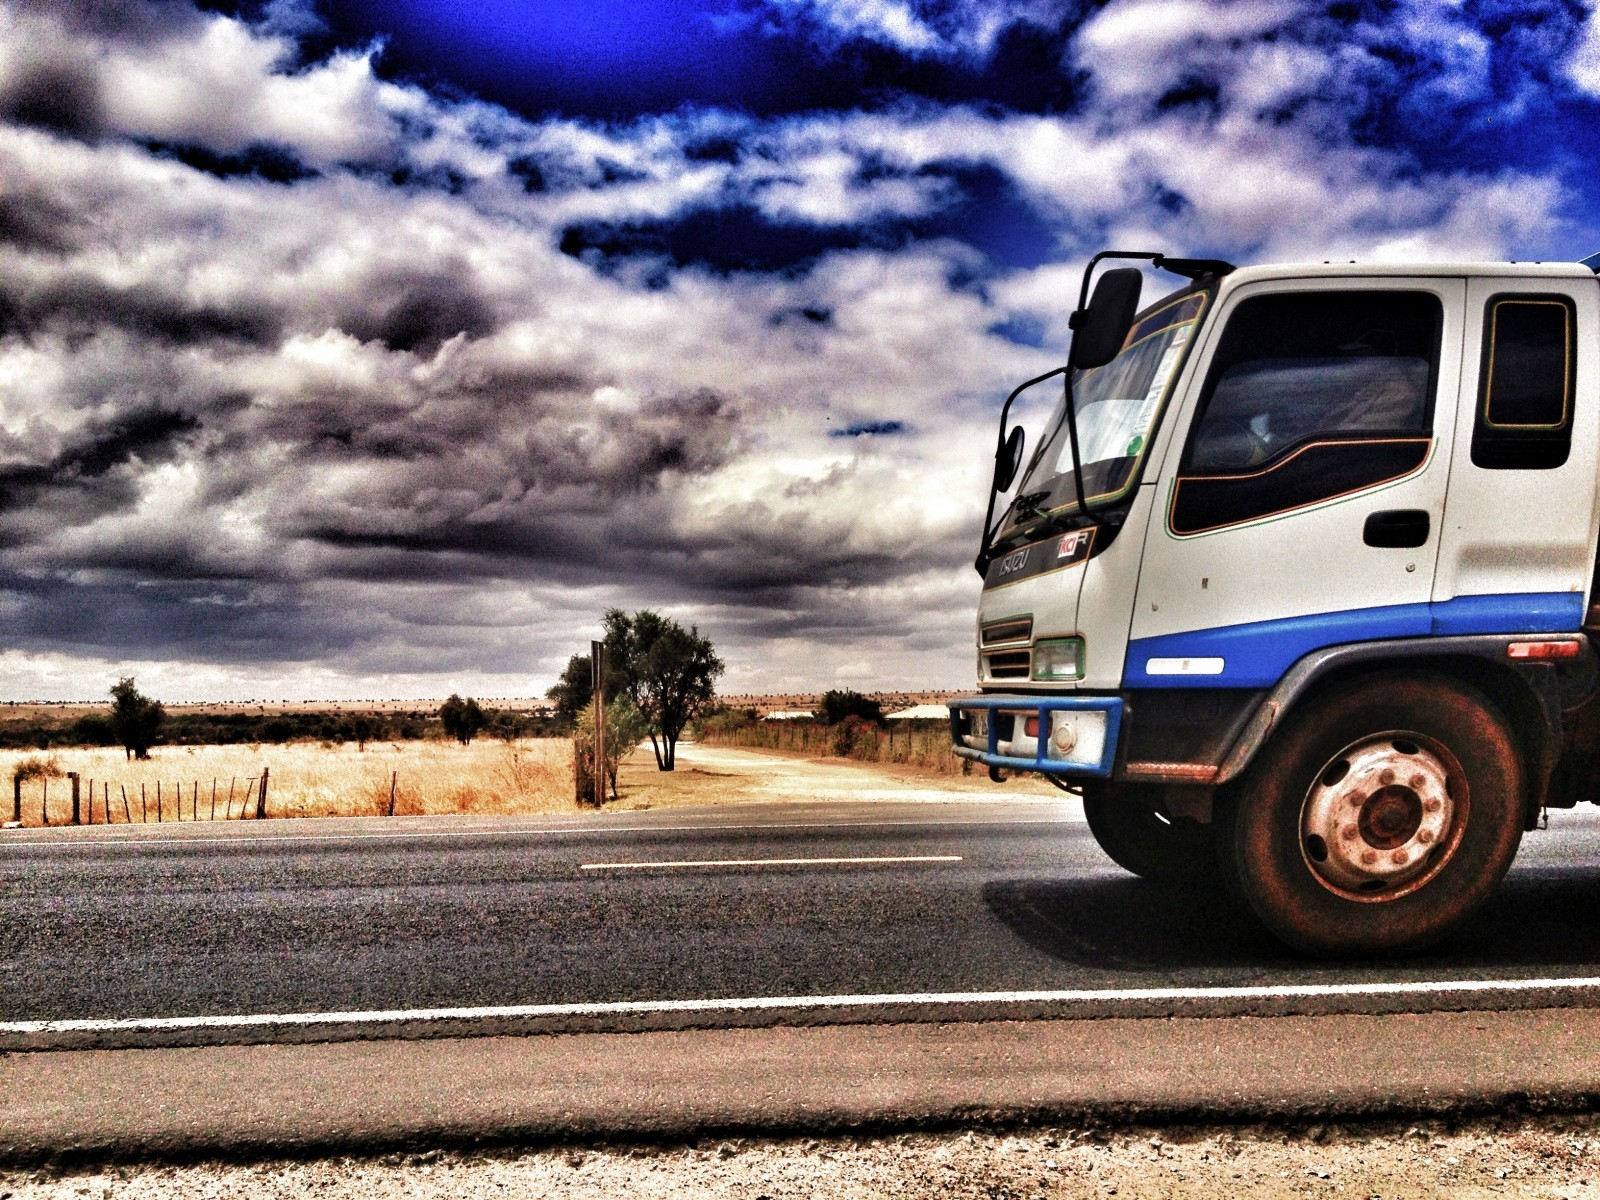 Nuove implementazioni su Truck1, il portale per l'acquisto sicuro di autocarri usati e veicoli professionali di seconda mano